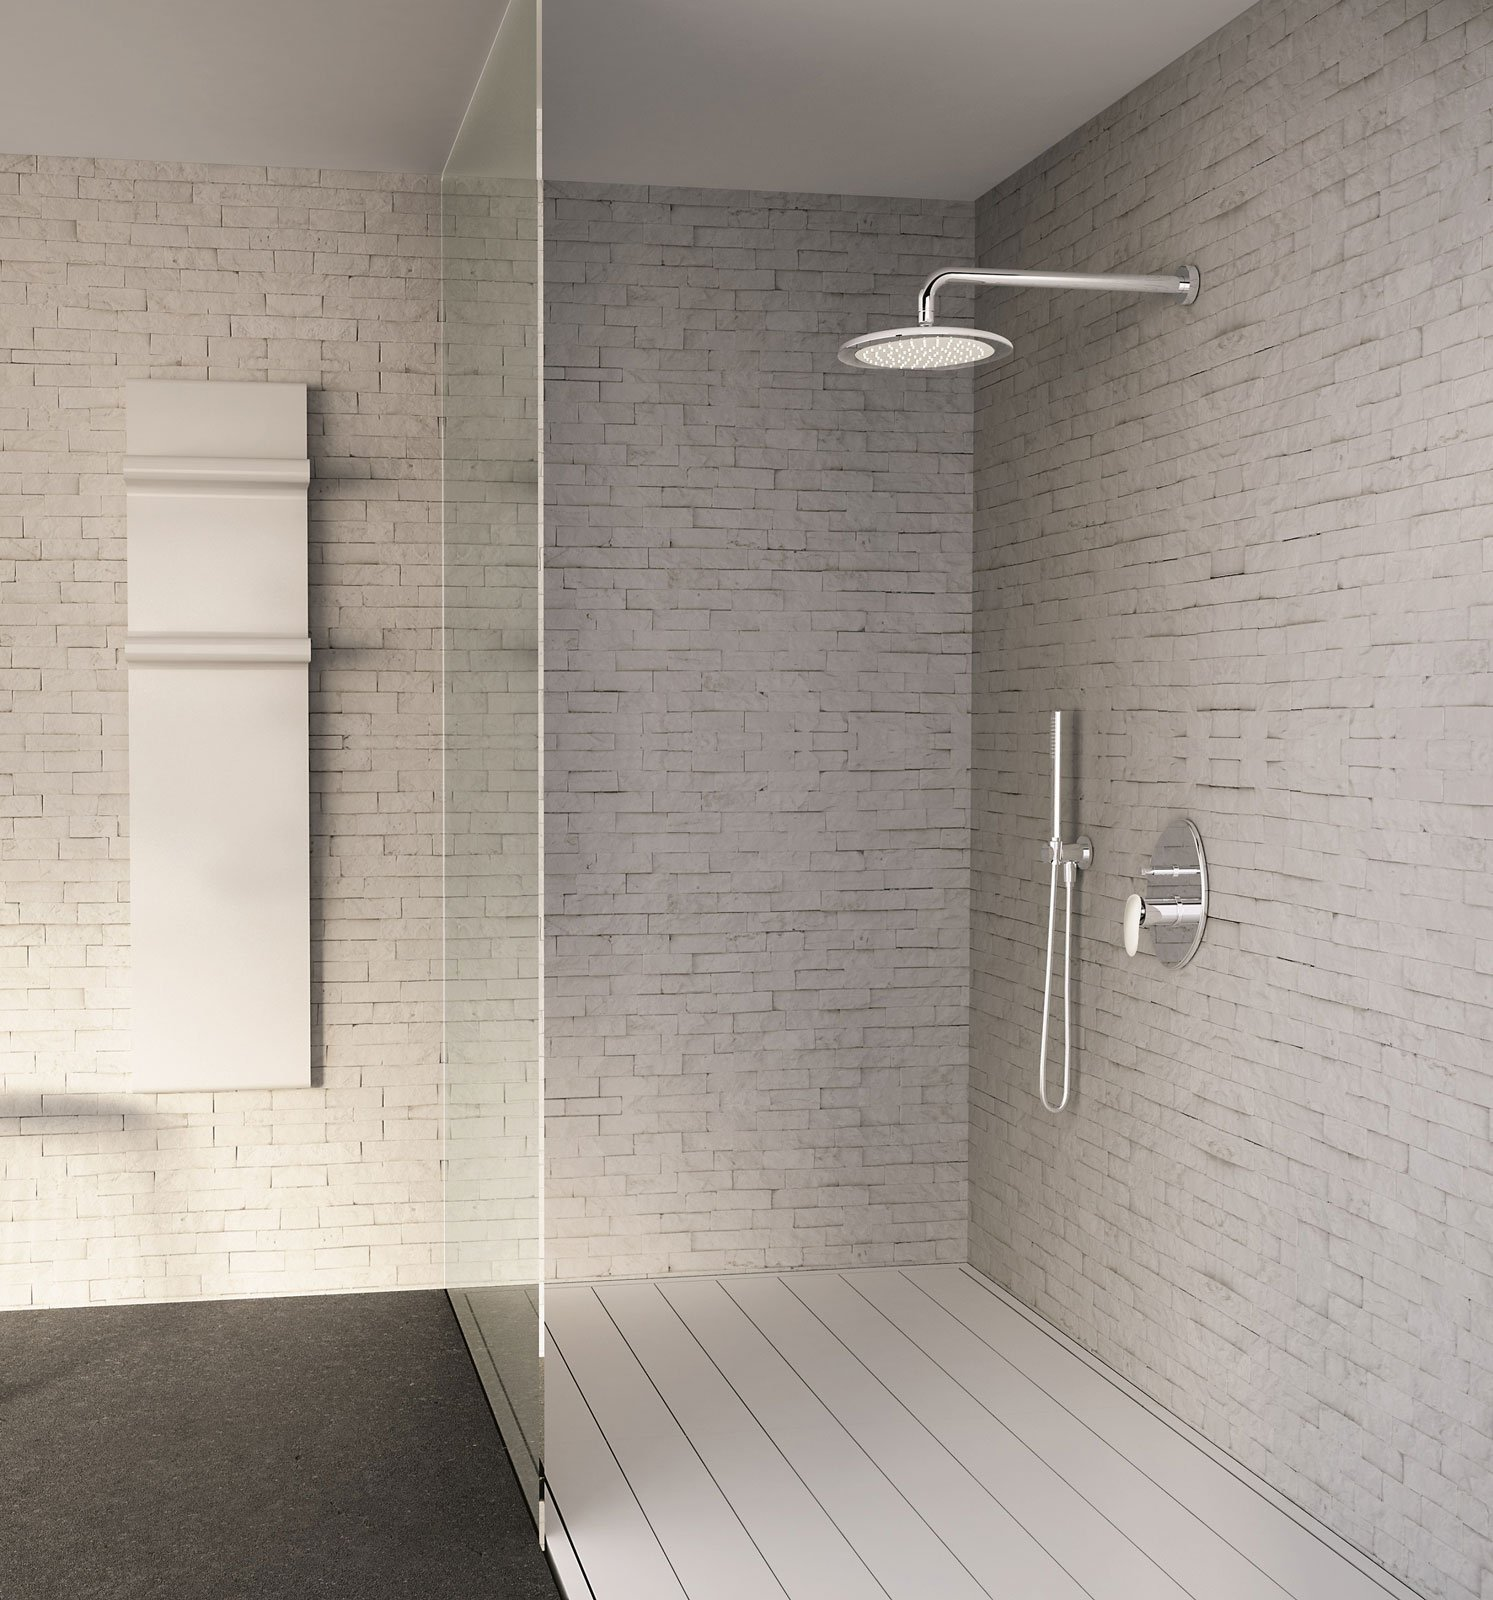 Soffione doccia prezzi modelli idee per il design della casa for Piccola doccia della casa